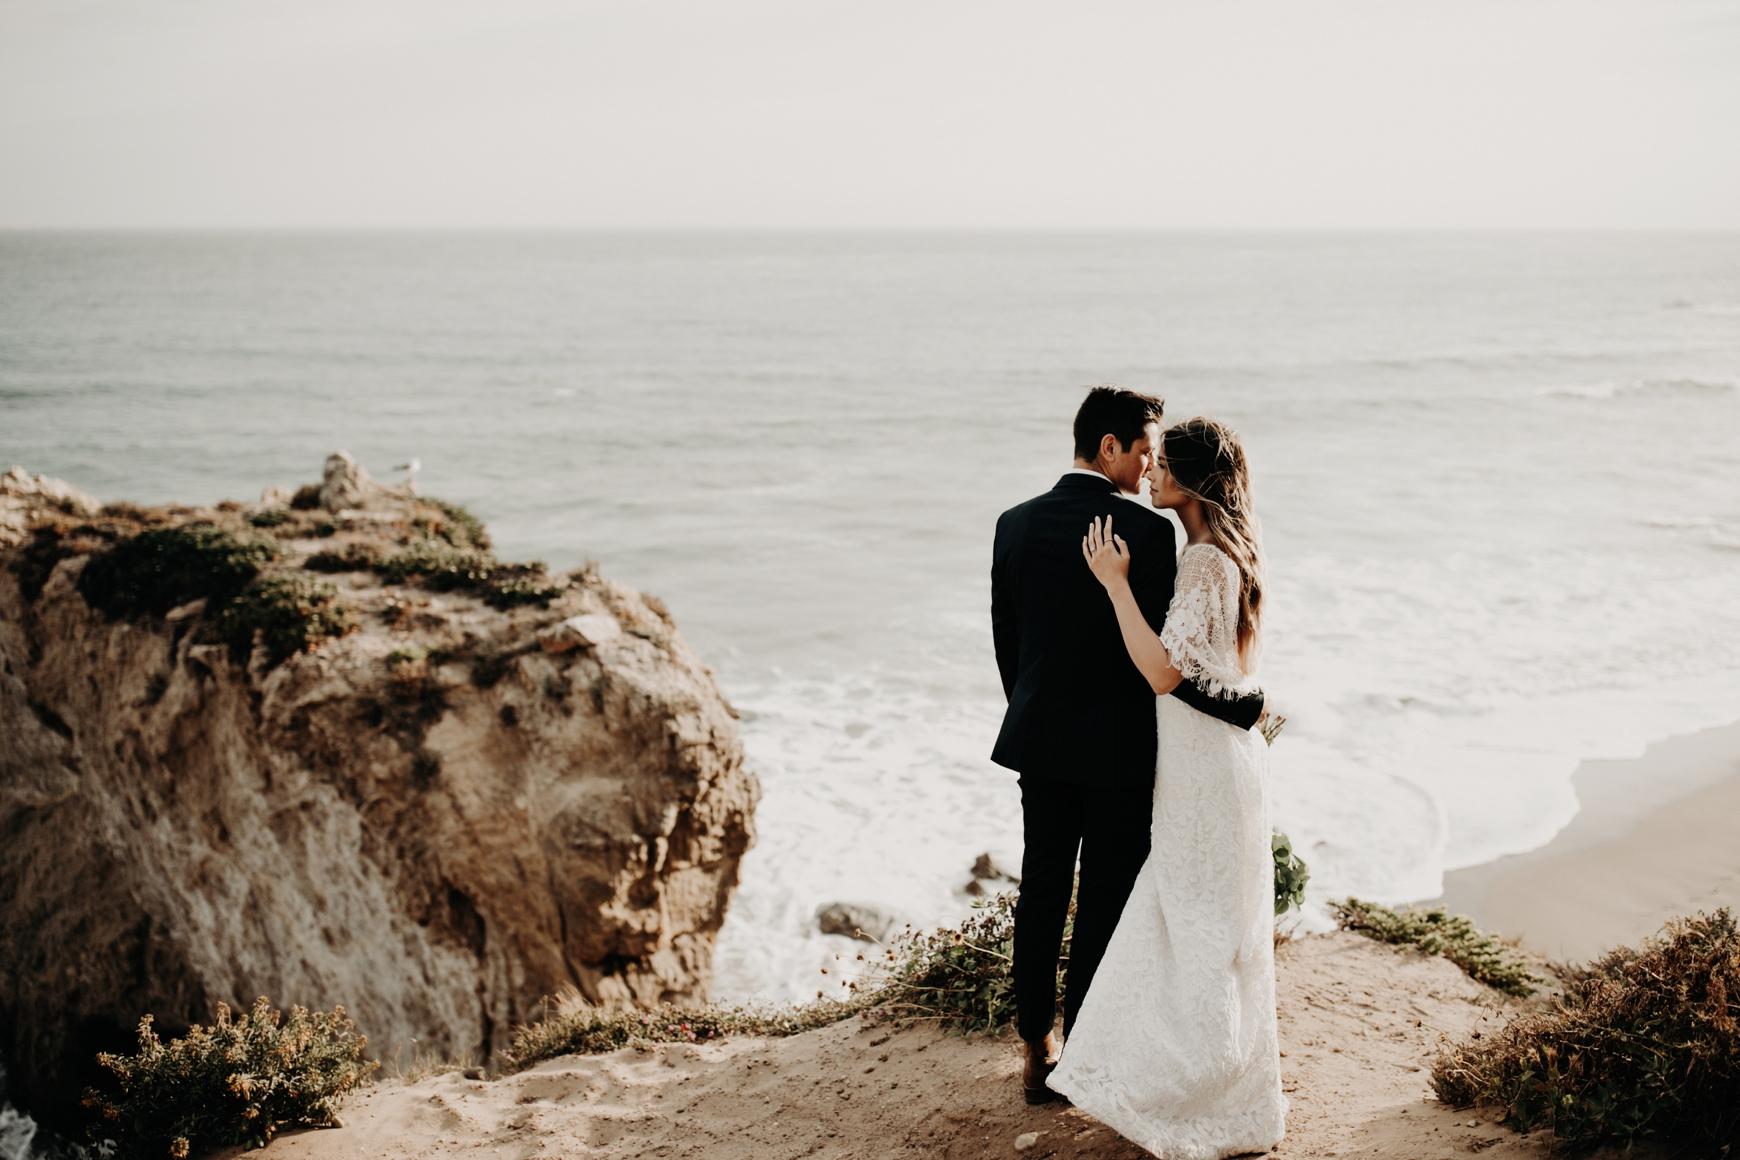 El Matador Beach Bridal Portraits Justellen & TJ Emily Magers Photography-166Emily Magers Photography.jpg